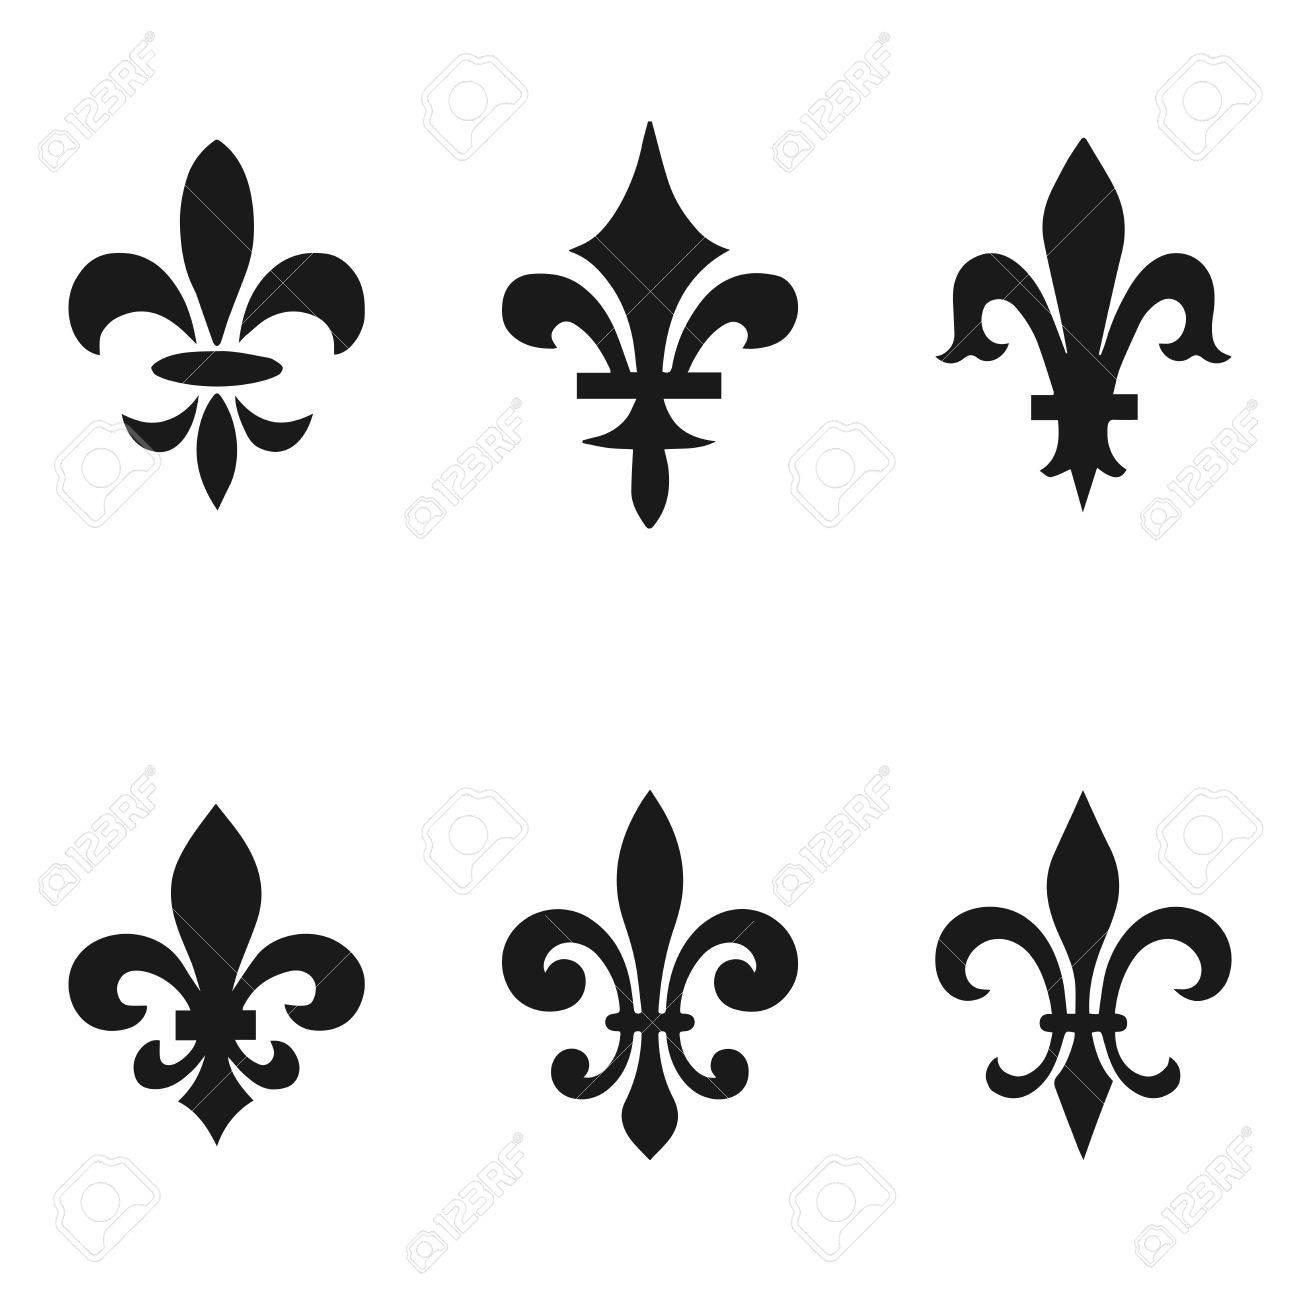 Colección De La Flor De Lis Símbolos Siluetas Negras Símbolos Heráldicos Ilustración Del Vector Signos Medievales Resplandeciente Francés Flor